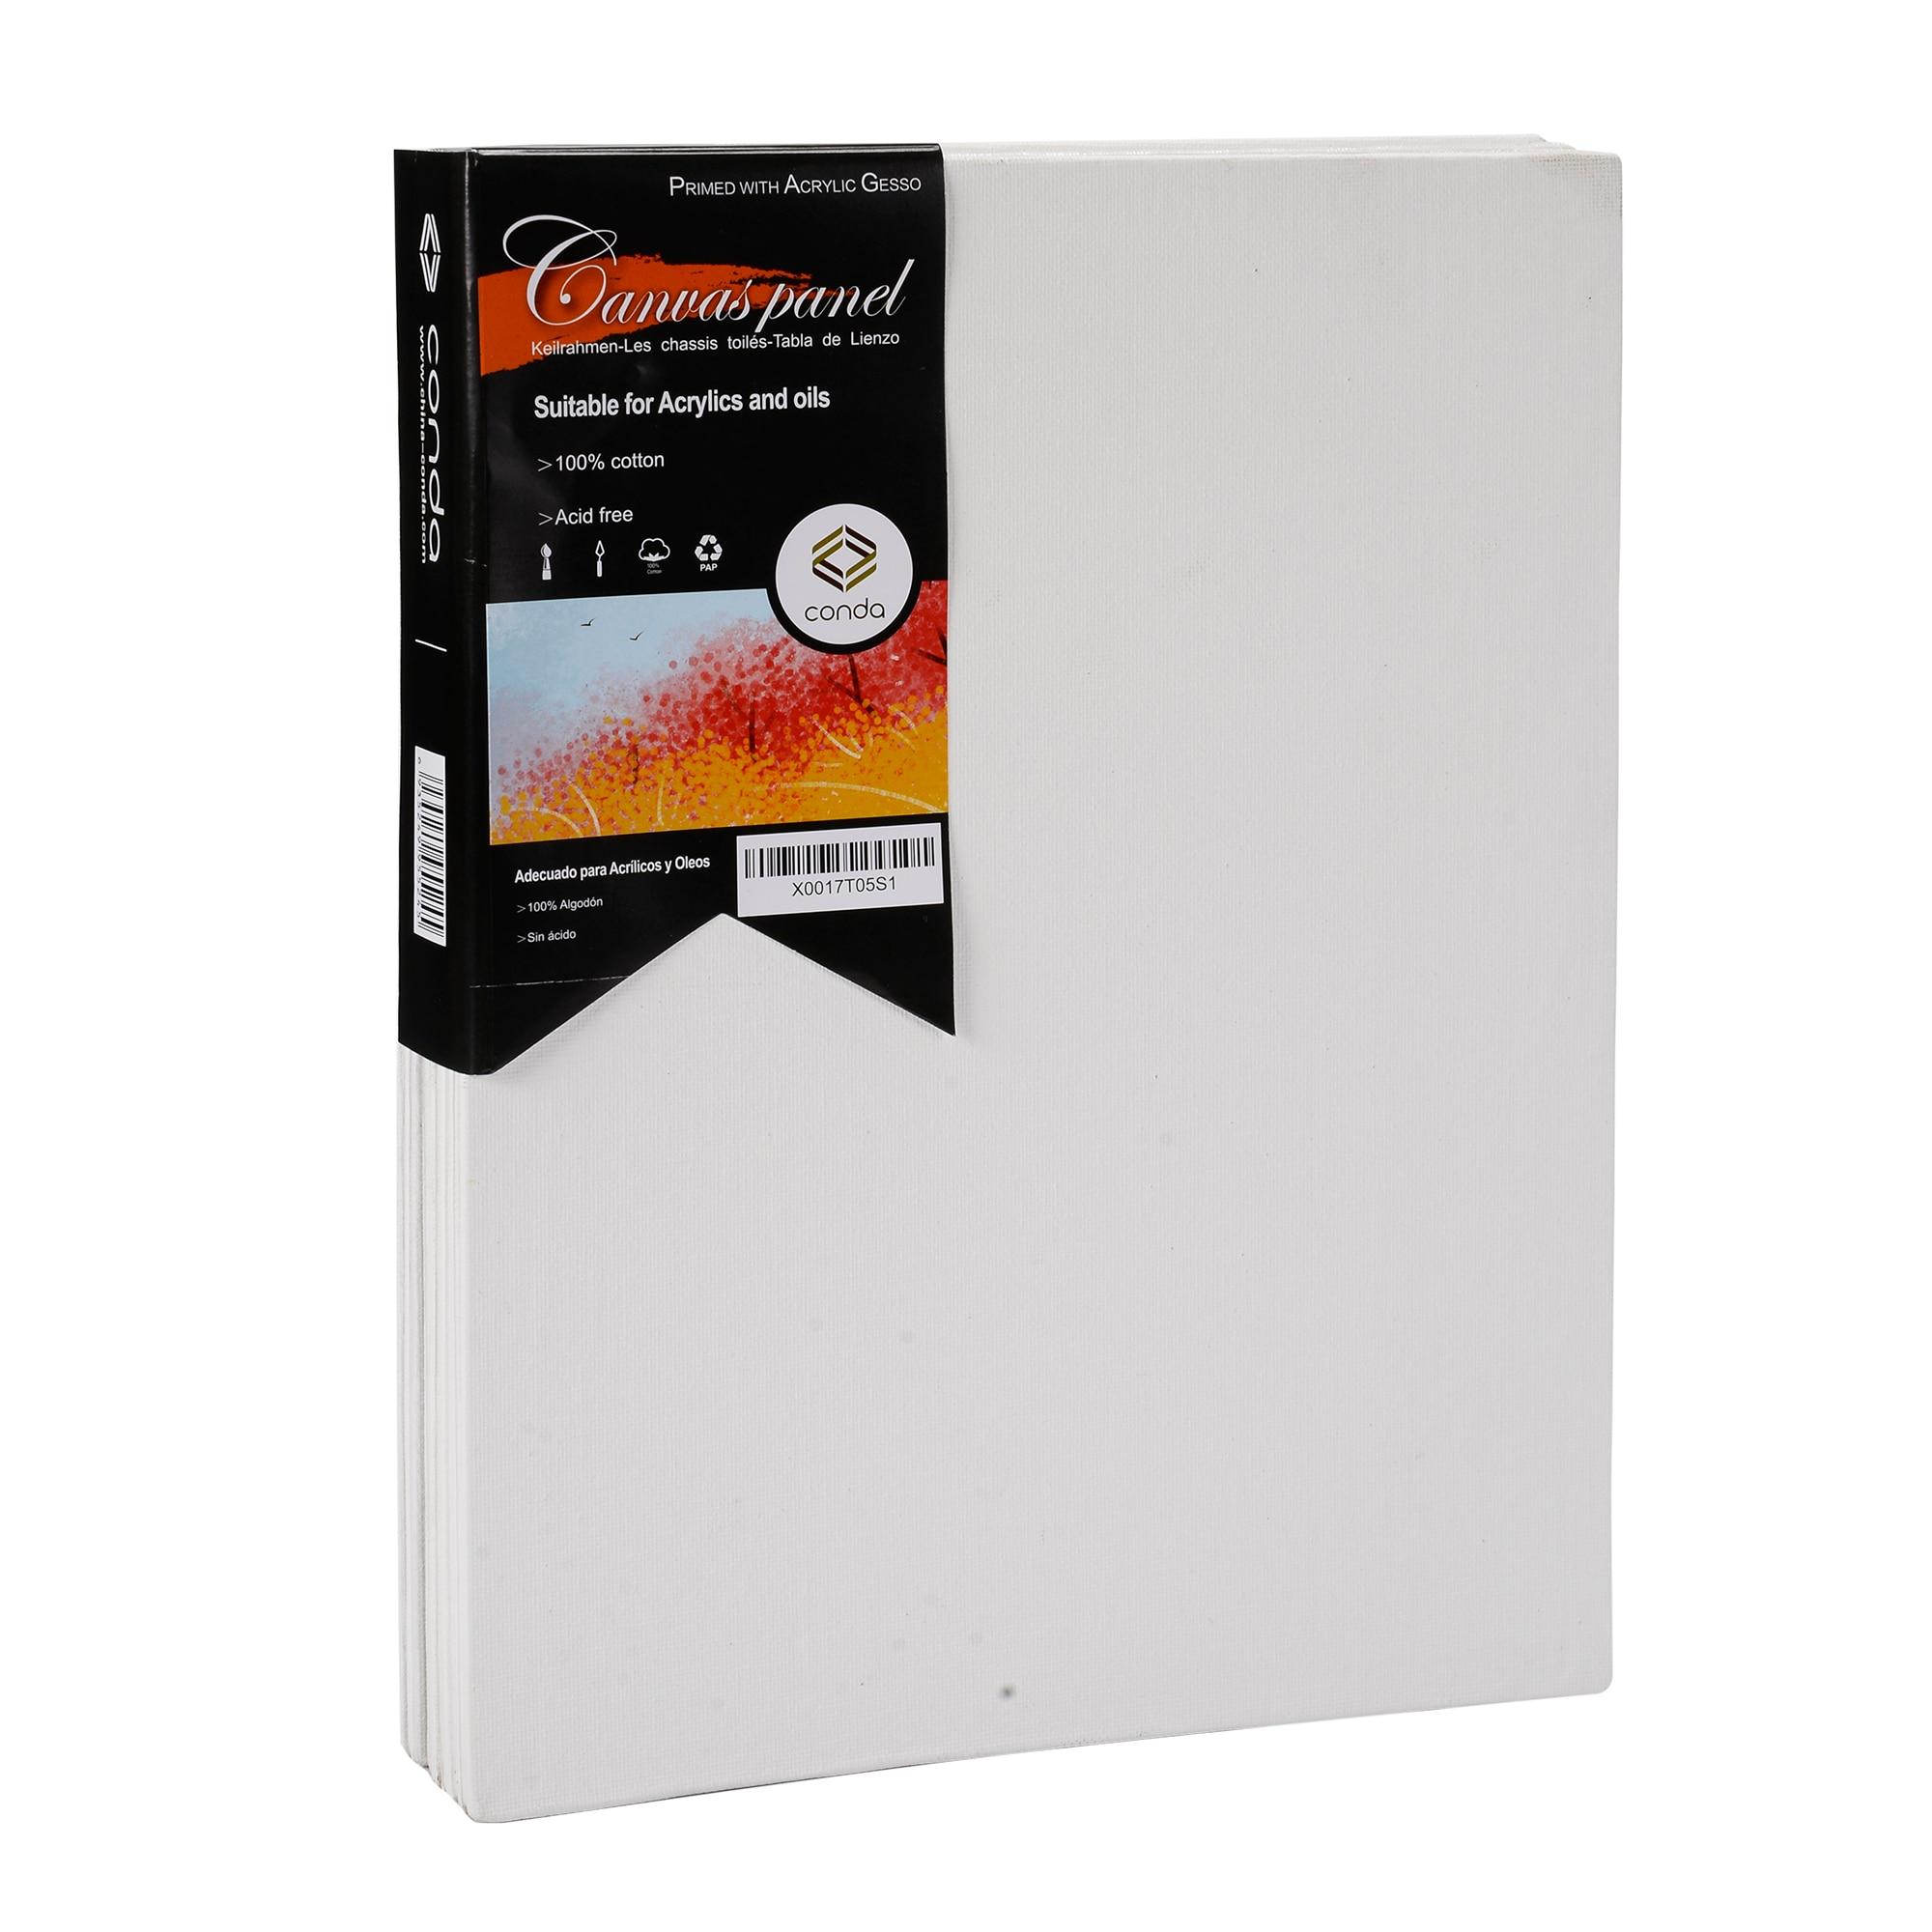 CONDA 9*12 pouces panneaux de toile paquet de 12 artiste qualité sans acide toile conseil peinture à l'huile conseil professionnel Art fournitures